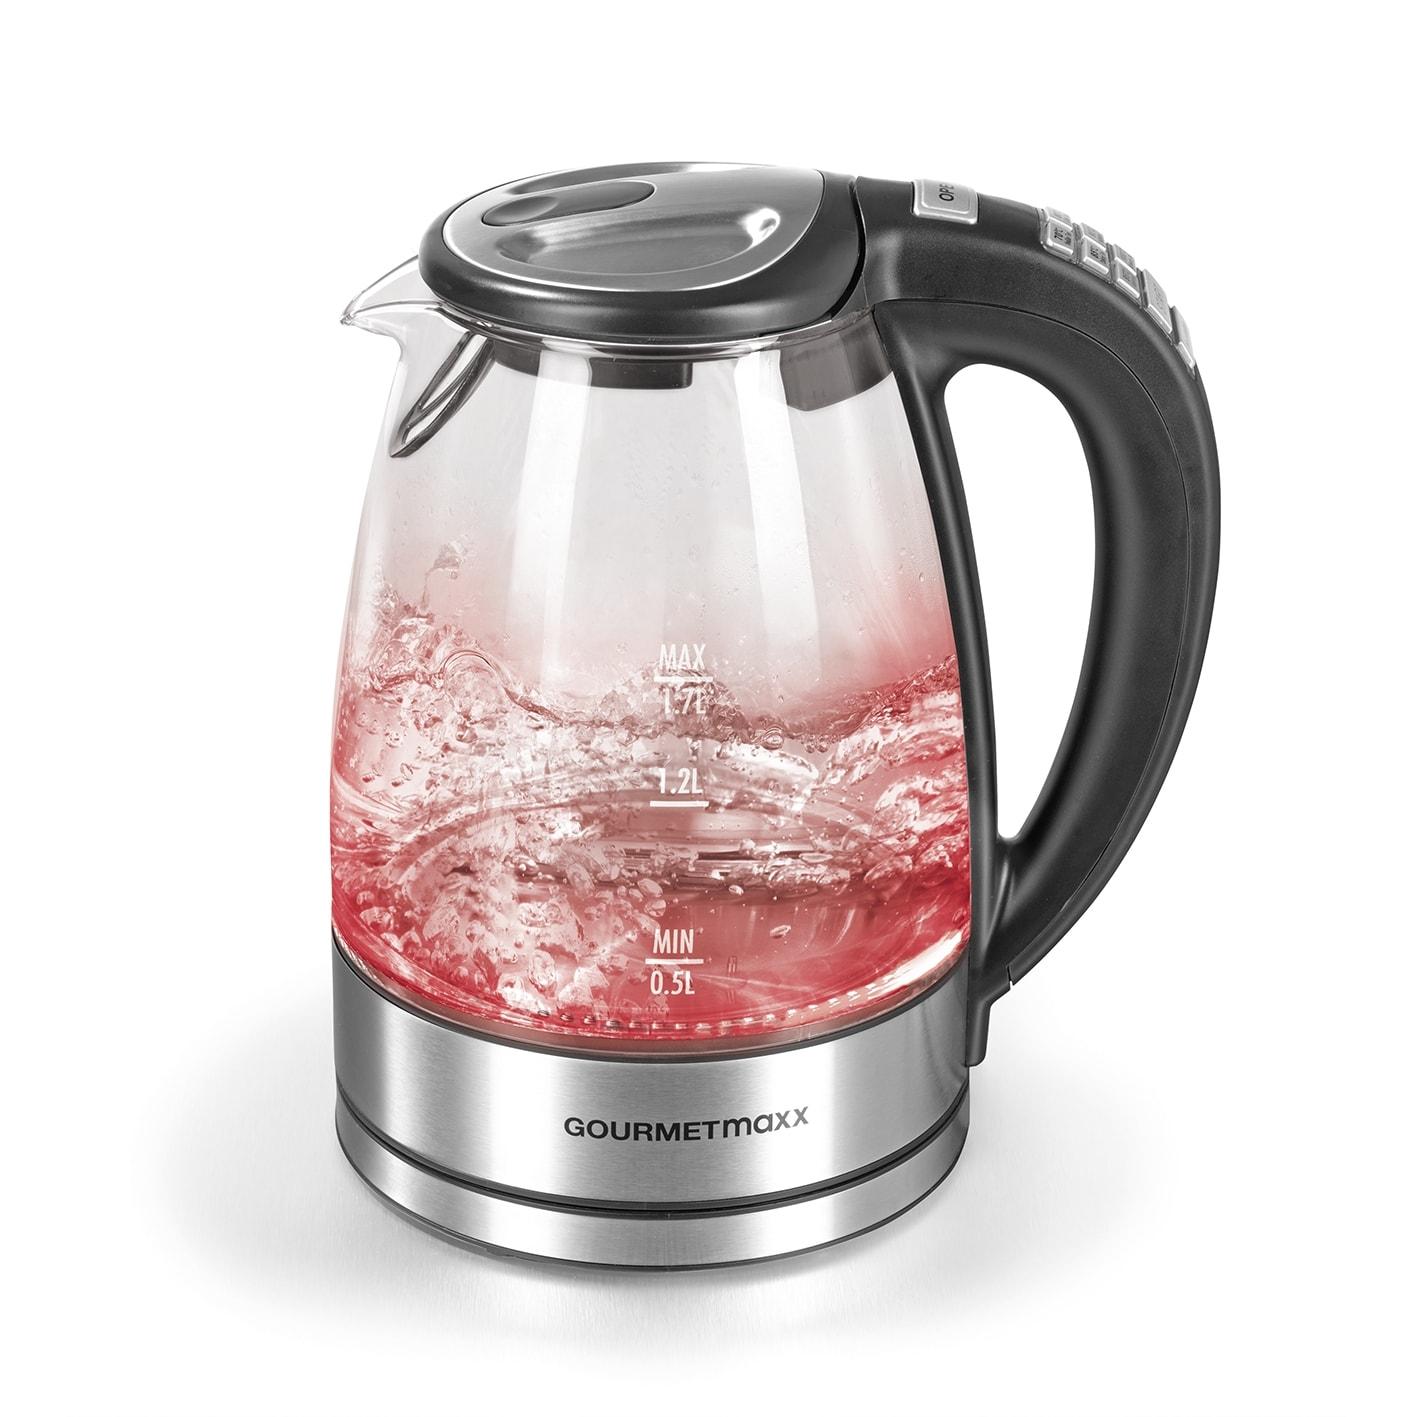 GourmetMaxx Wasserkocher Glas LED/Temperaturwahl 1,7l 2000W Edelstahl